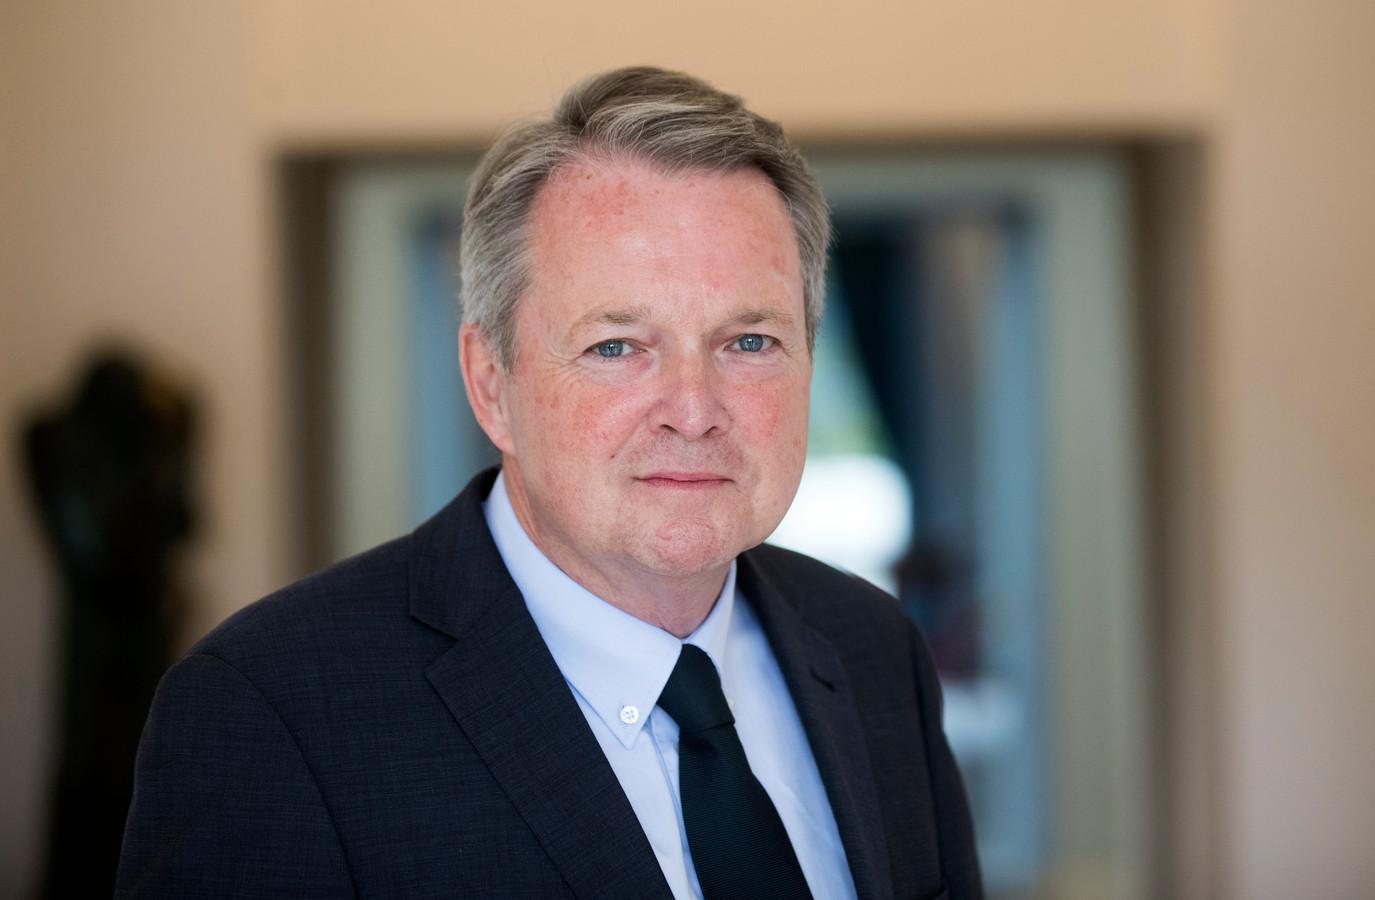 De VVD is in grote problemen gekomen door de geheime vertrekdeal voor de eigen wethouder André Landwehr.